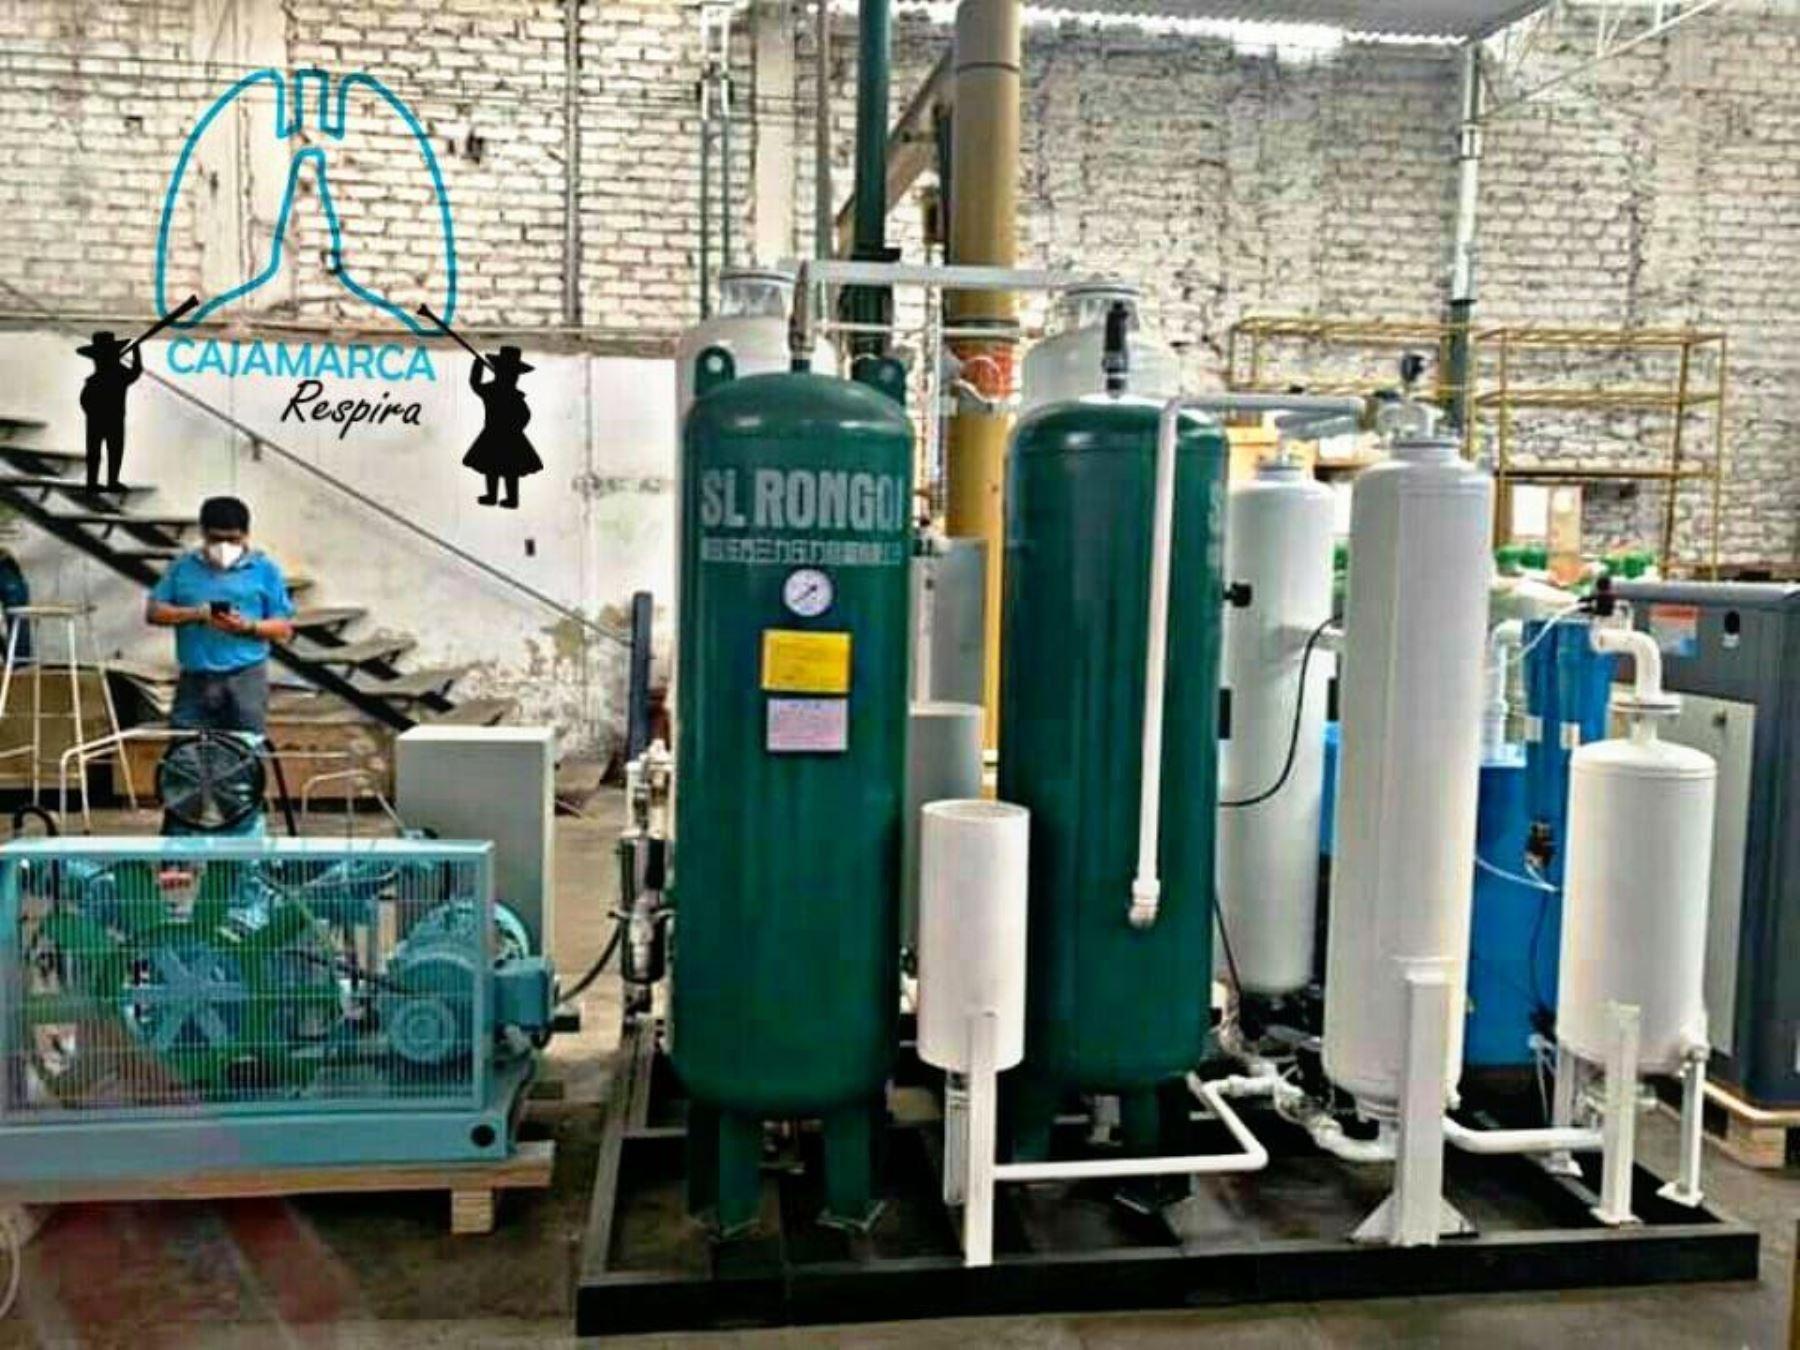 cajamarca-instalara-planta-de-oxigeno-adquirida-gracias-a-colecta-publica